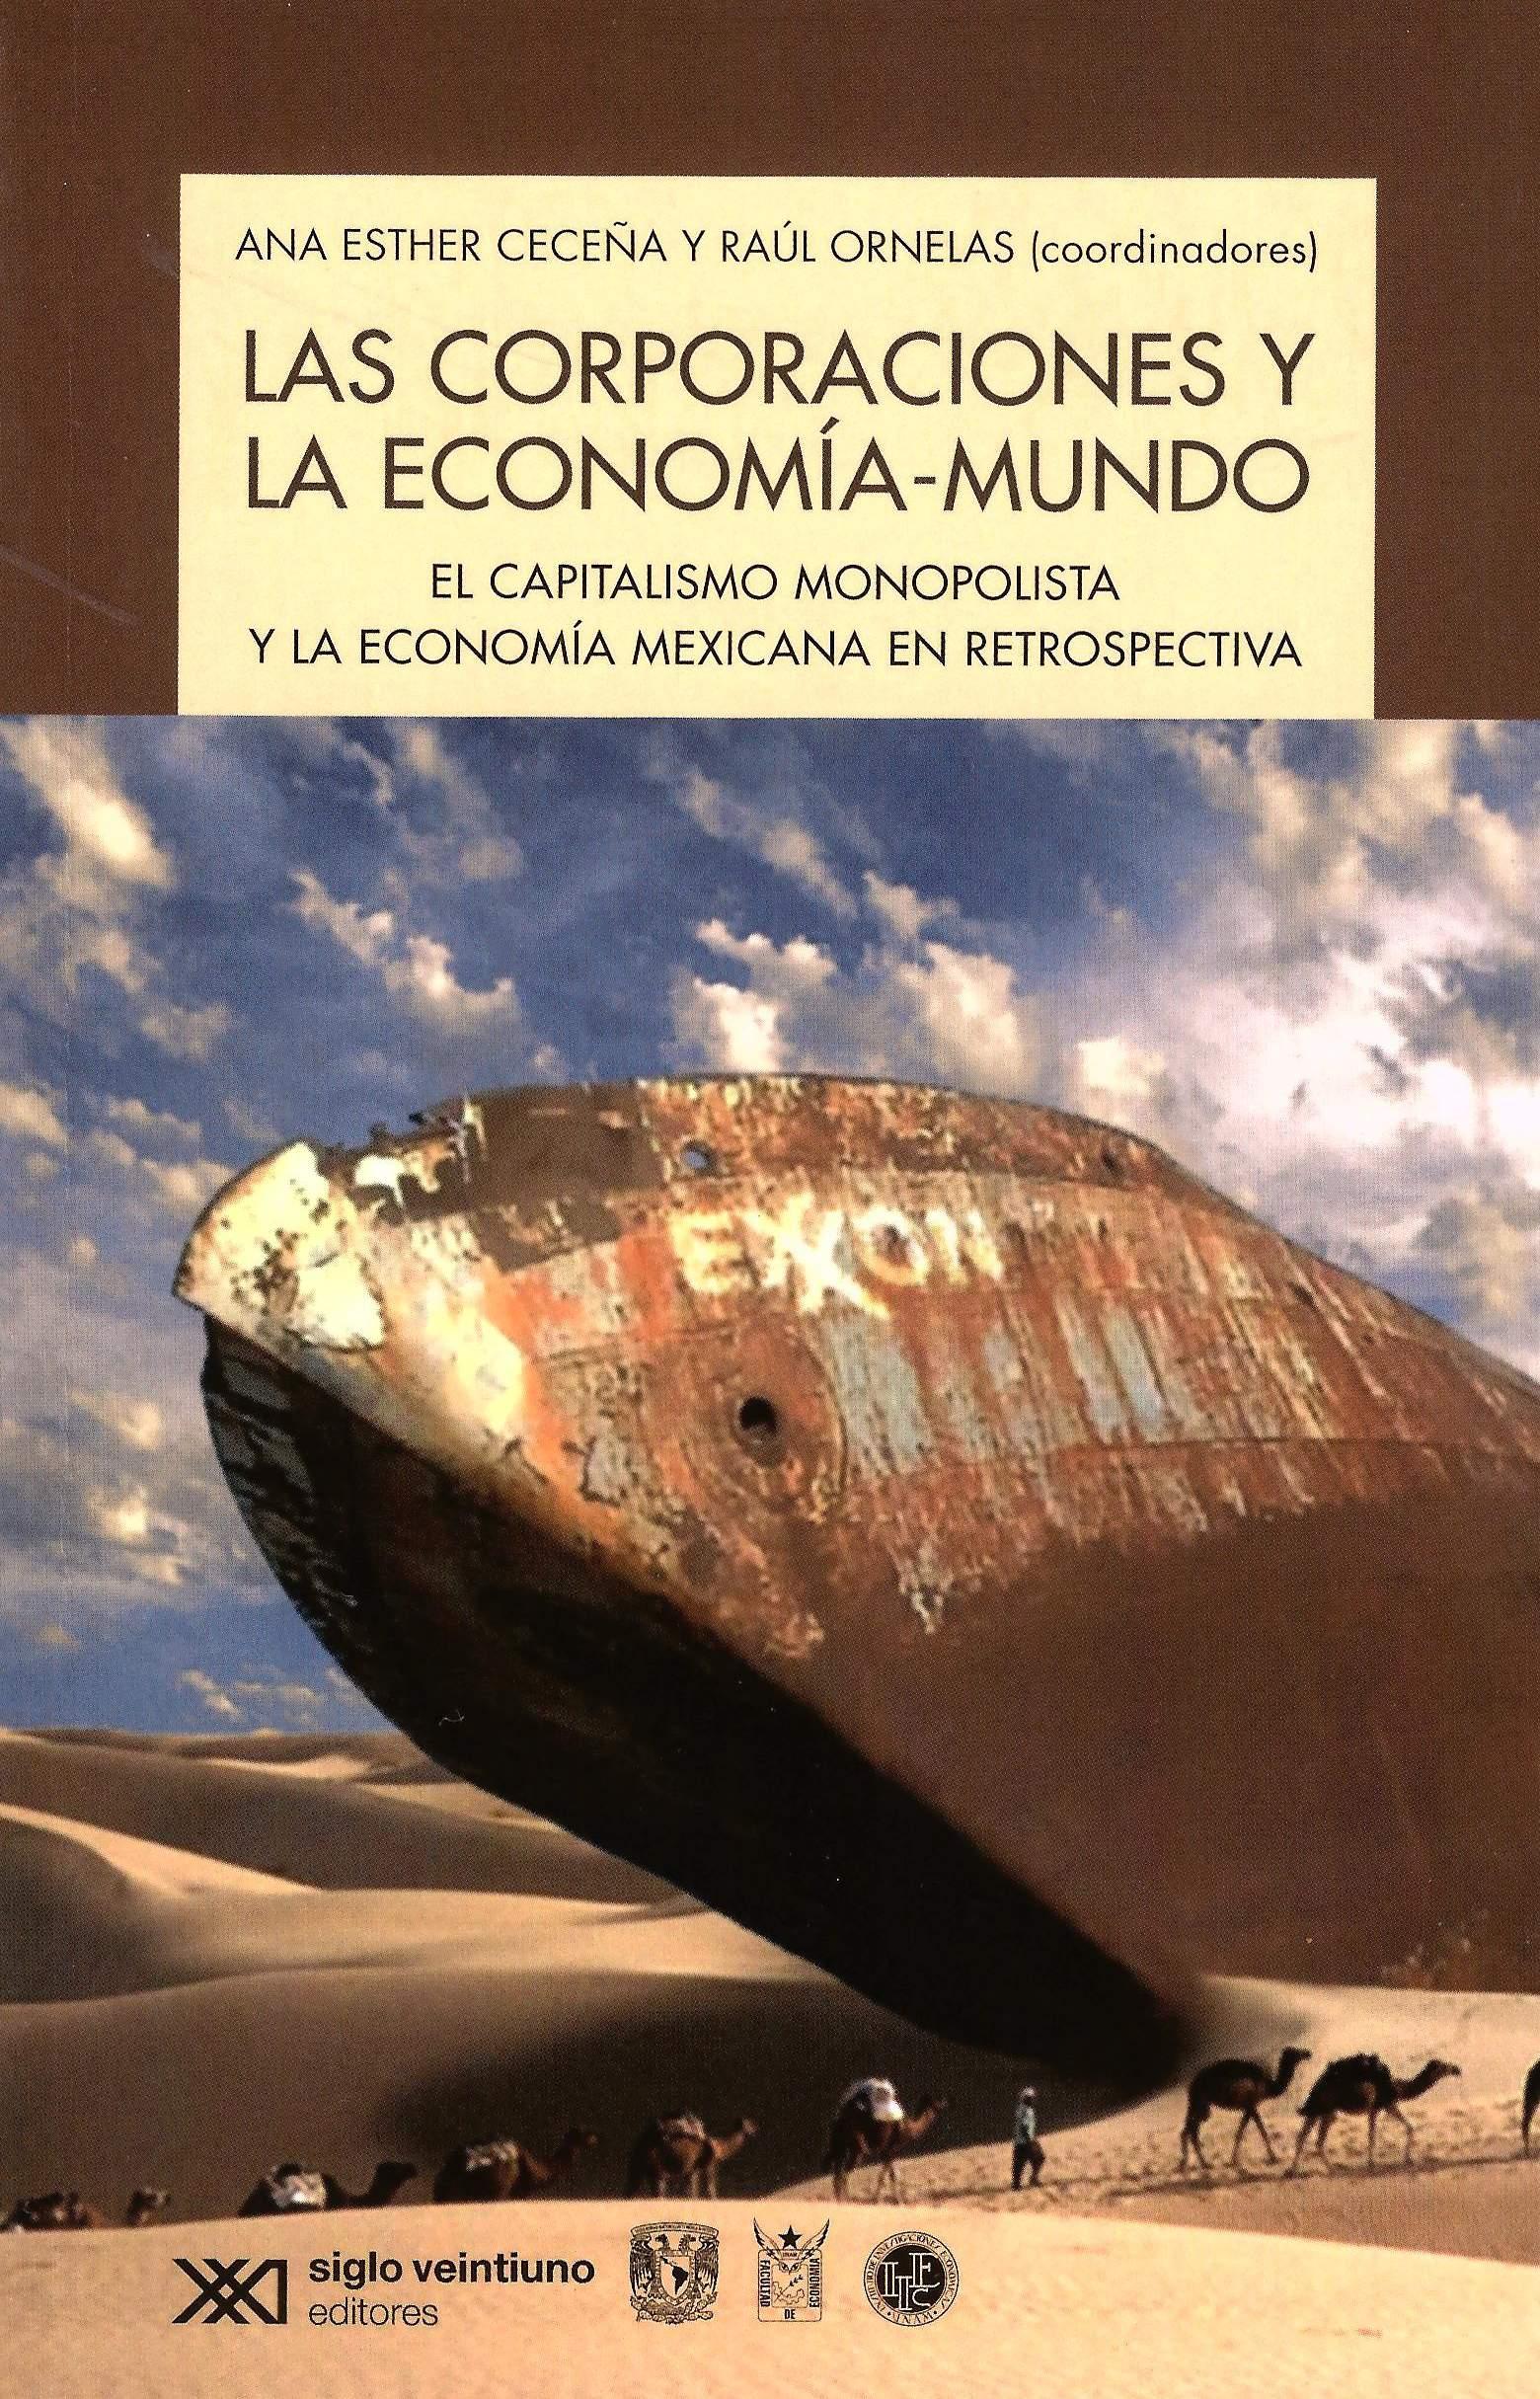 Las corporaciones y la economía-mundo: el capitalismo monopolista y la economía mexicana